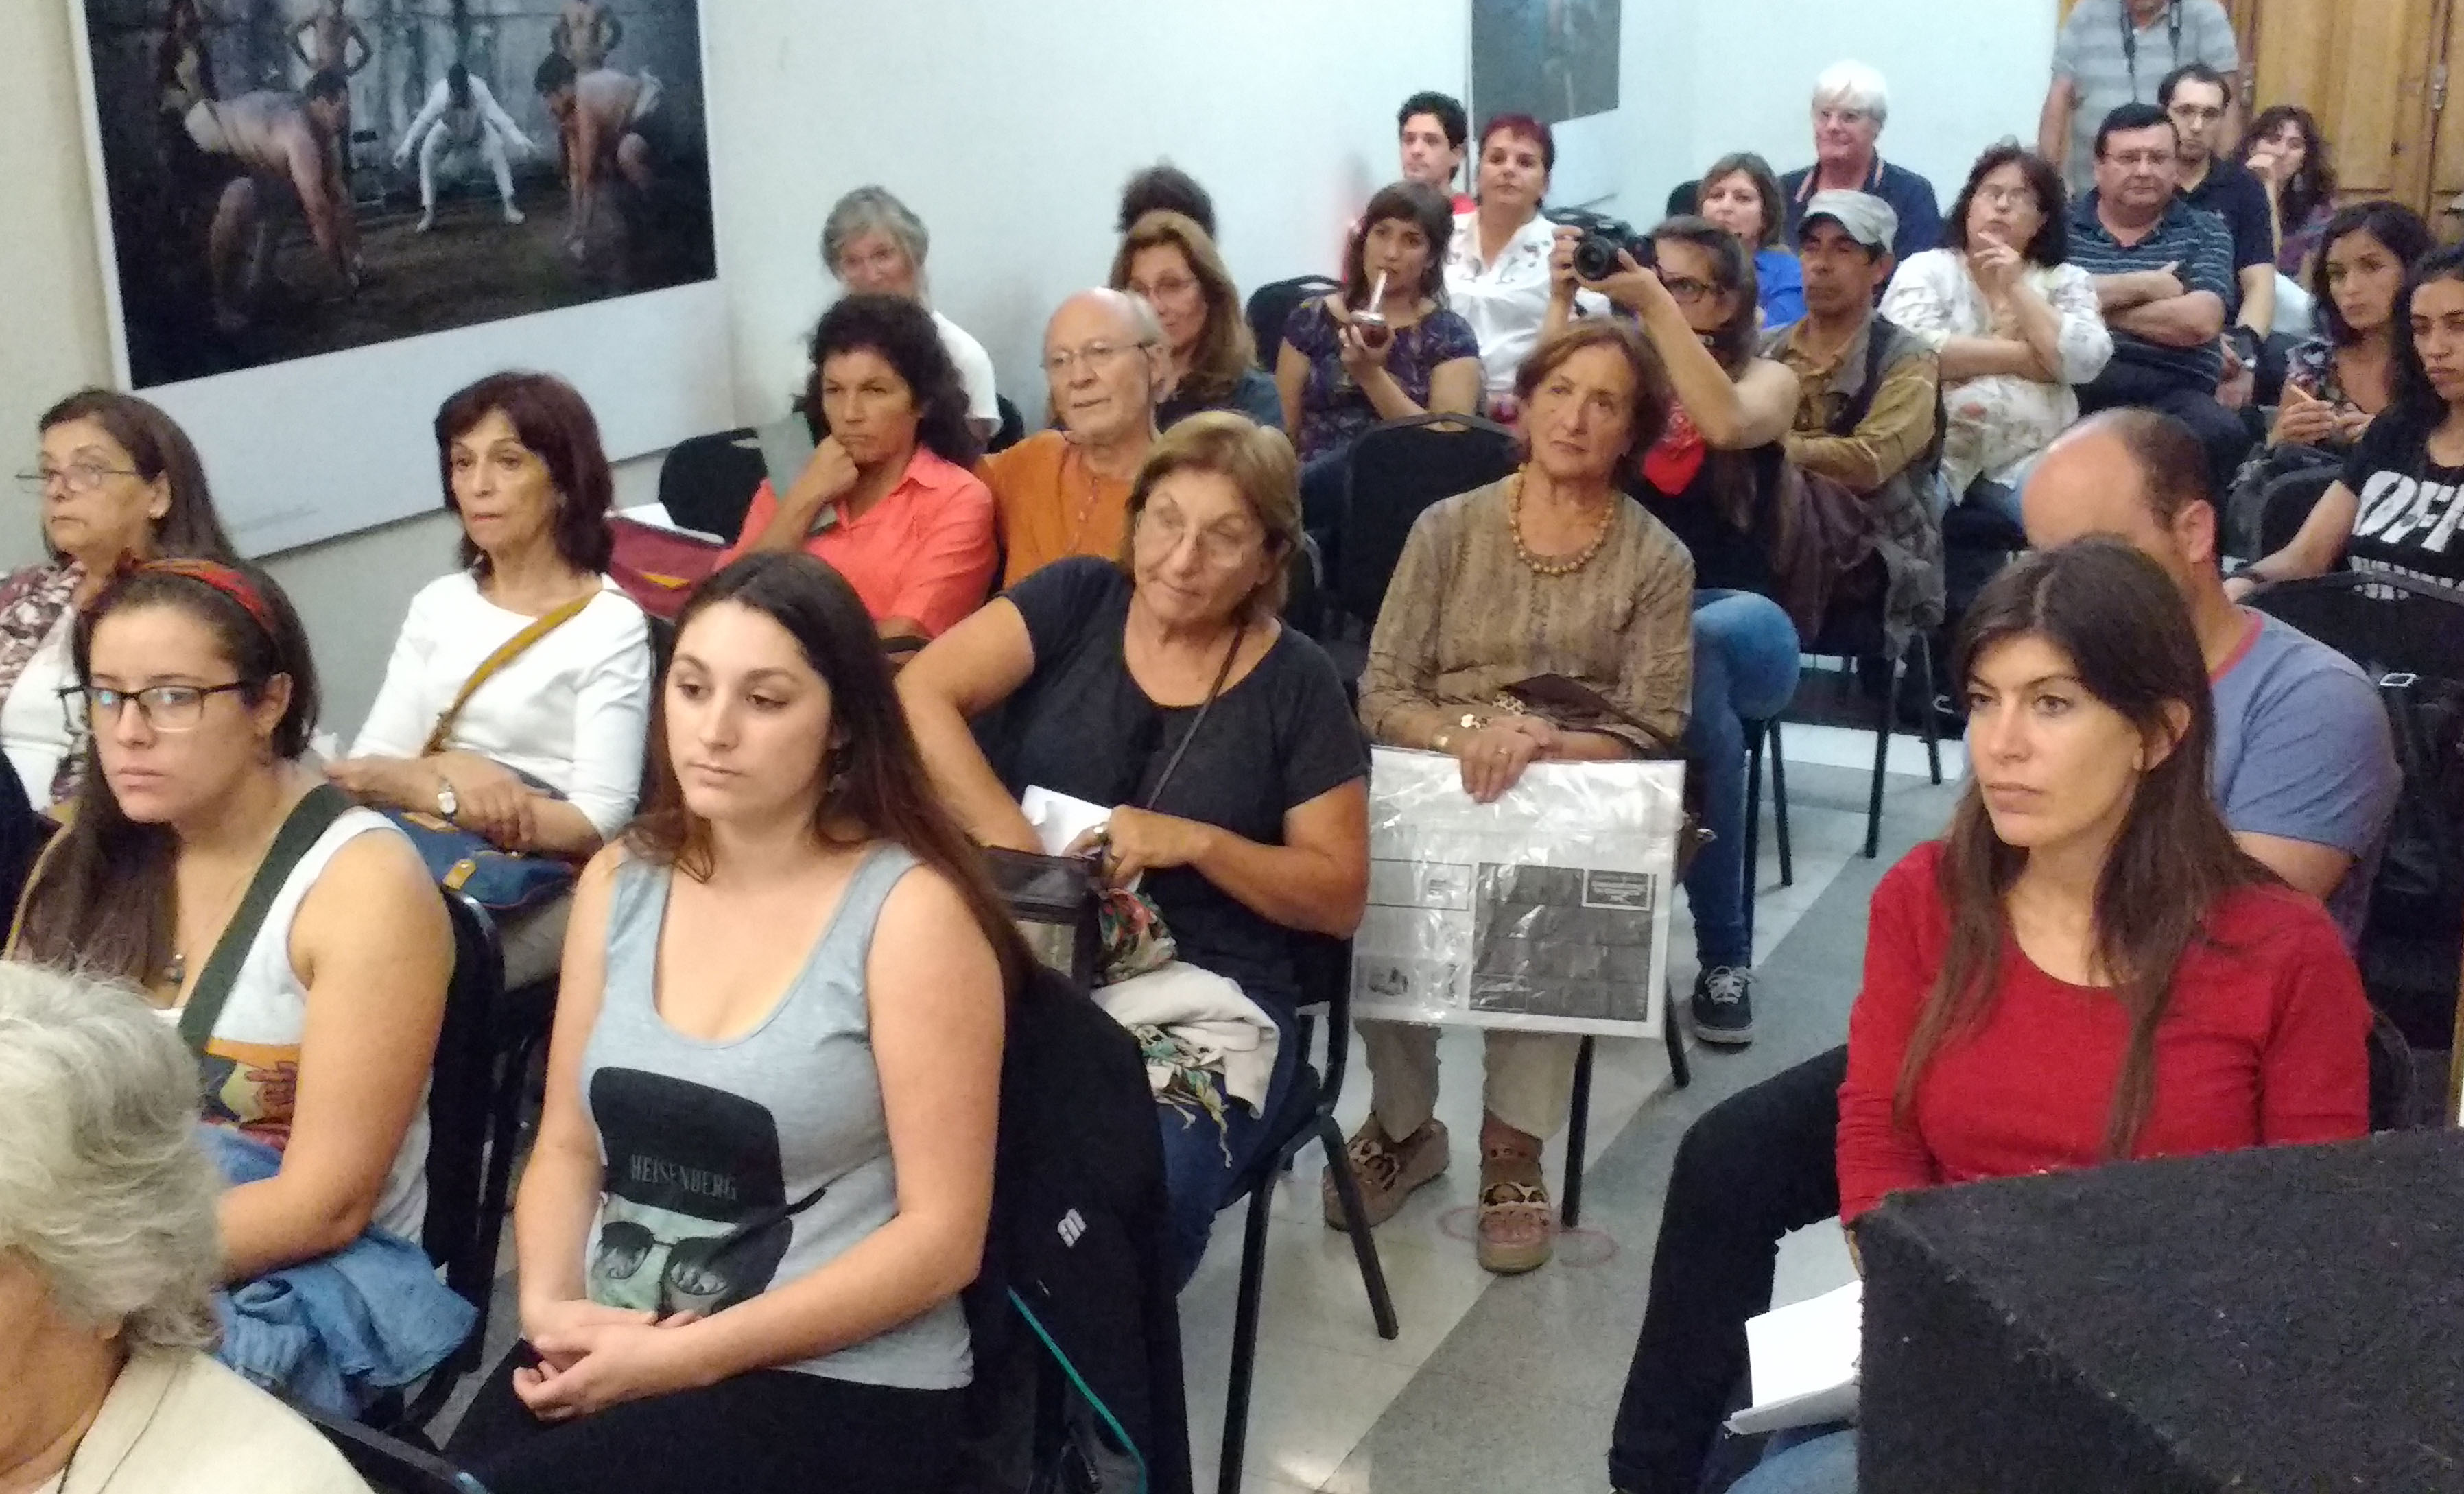 Día de la Mujer Trabajadora en el Cispren / Una mirada profunda sobre amor, luchas y resistencias